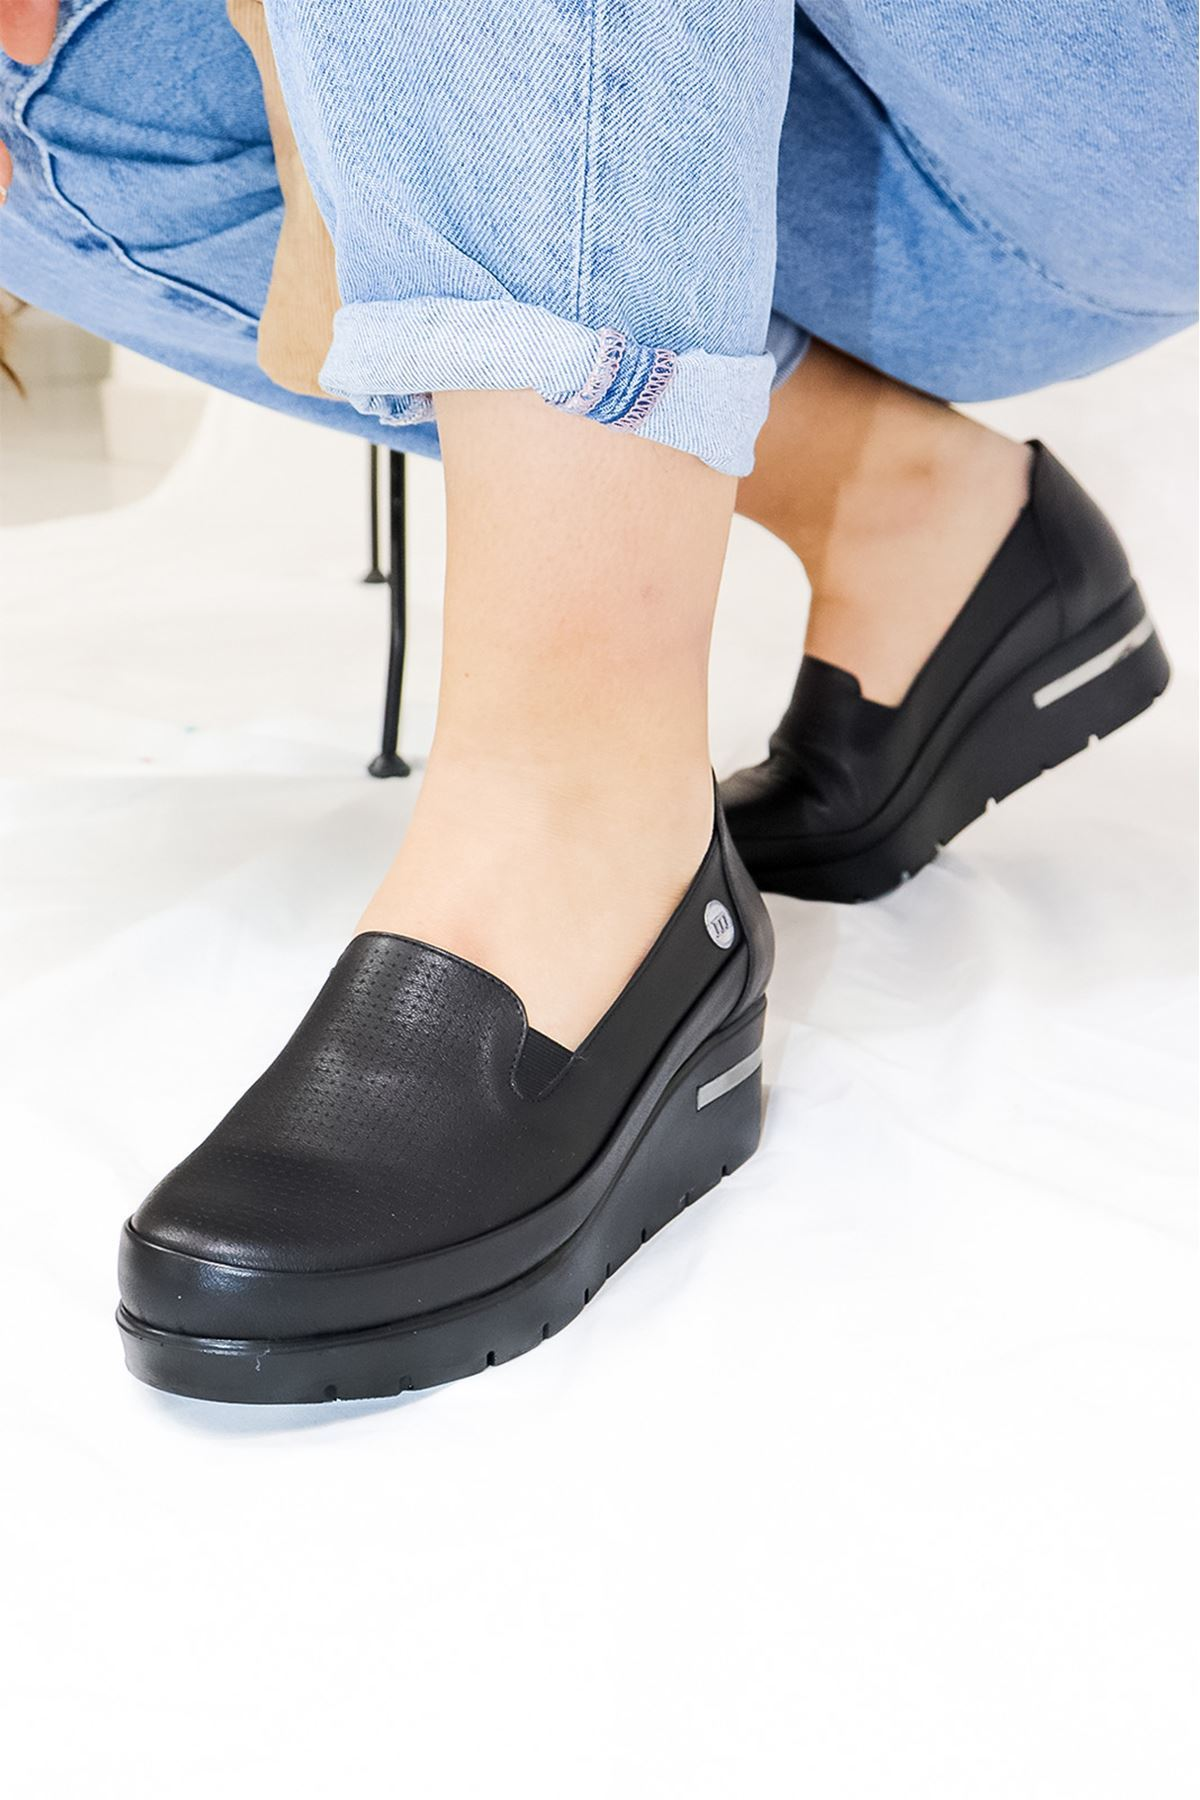 Mammamia - D21YA - 3210-B Siyah Dolgu  Kadın Ayakkabısı